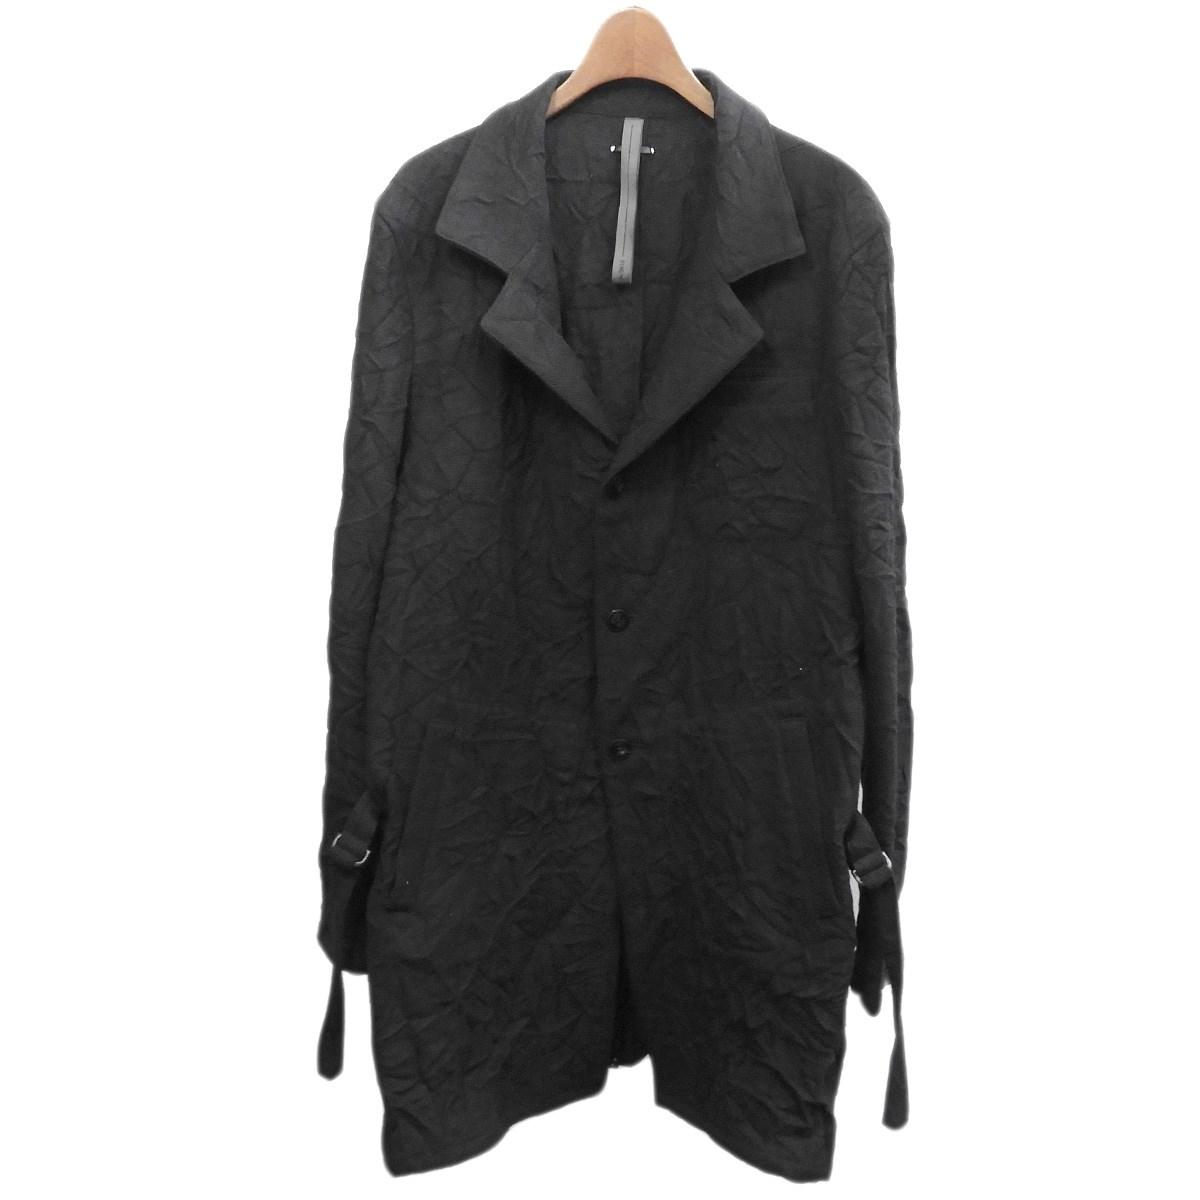 【中古】STRUMキャッチワッシャーロングジャケット ブラック サイズ:L 【4月2日見直し】